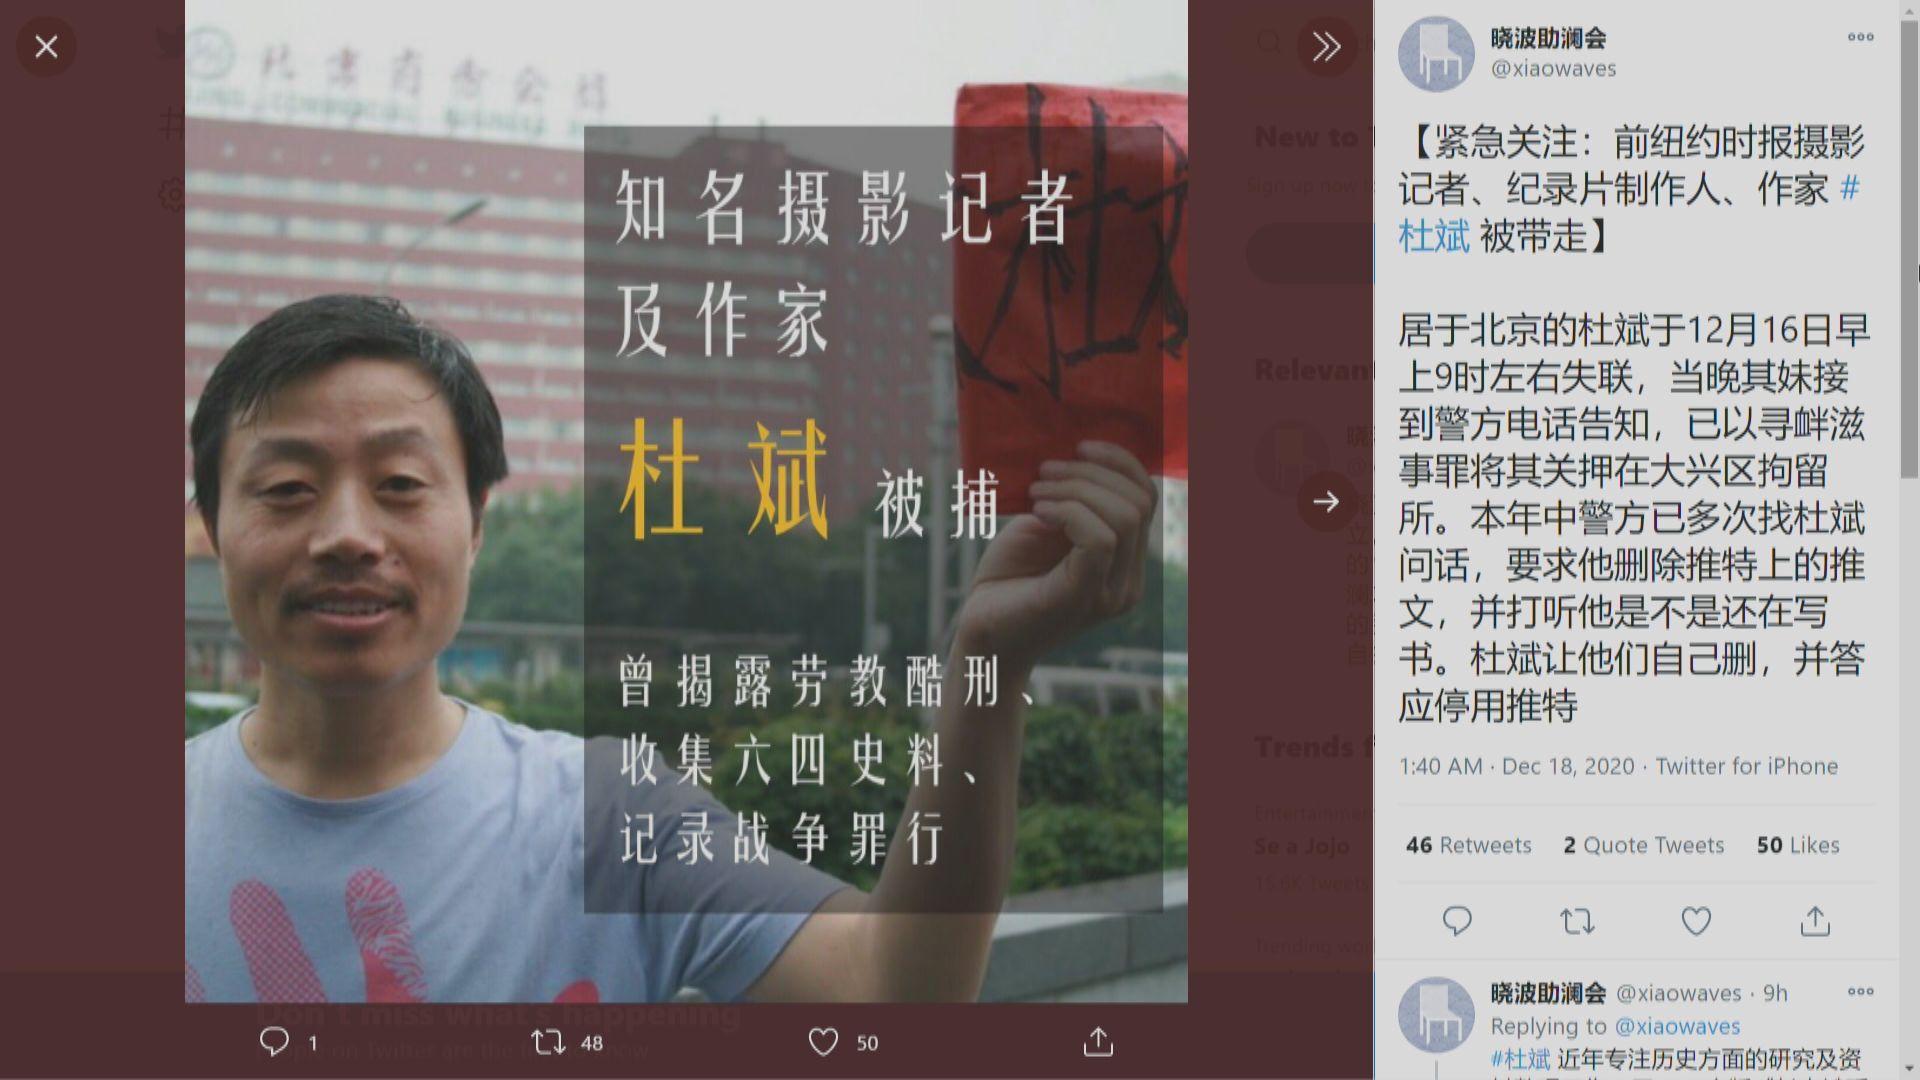 內地作家杜斌被拘留 家人指涉尋釁滋事罪